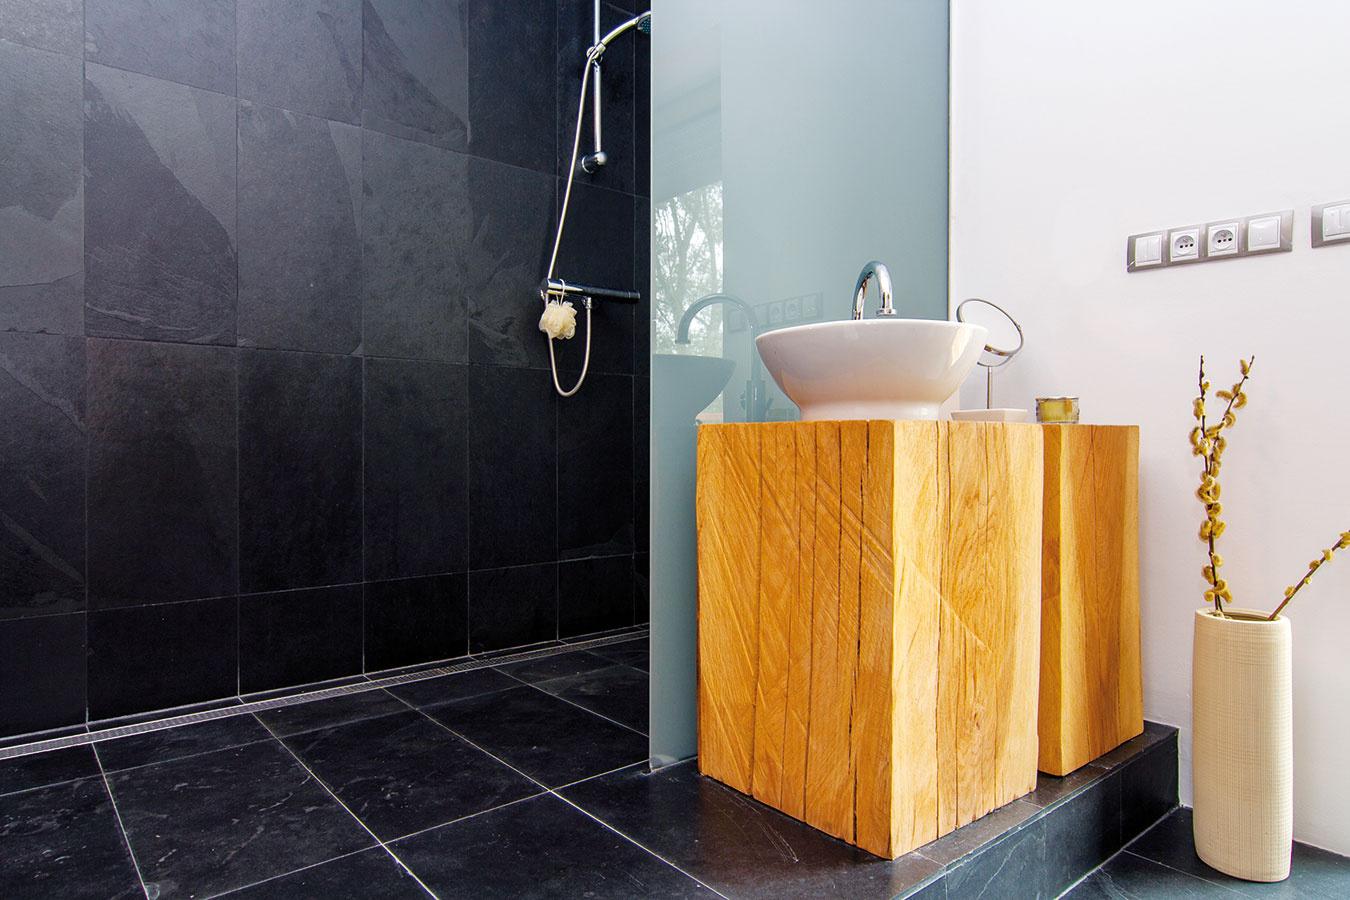 VZADNOM TRAKTE domu umiestnili atypickú kúpeľňu sdizajnovým umývadlom na drevenej nohe.